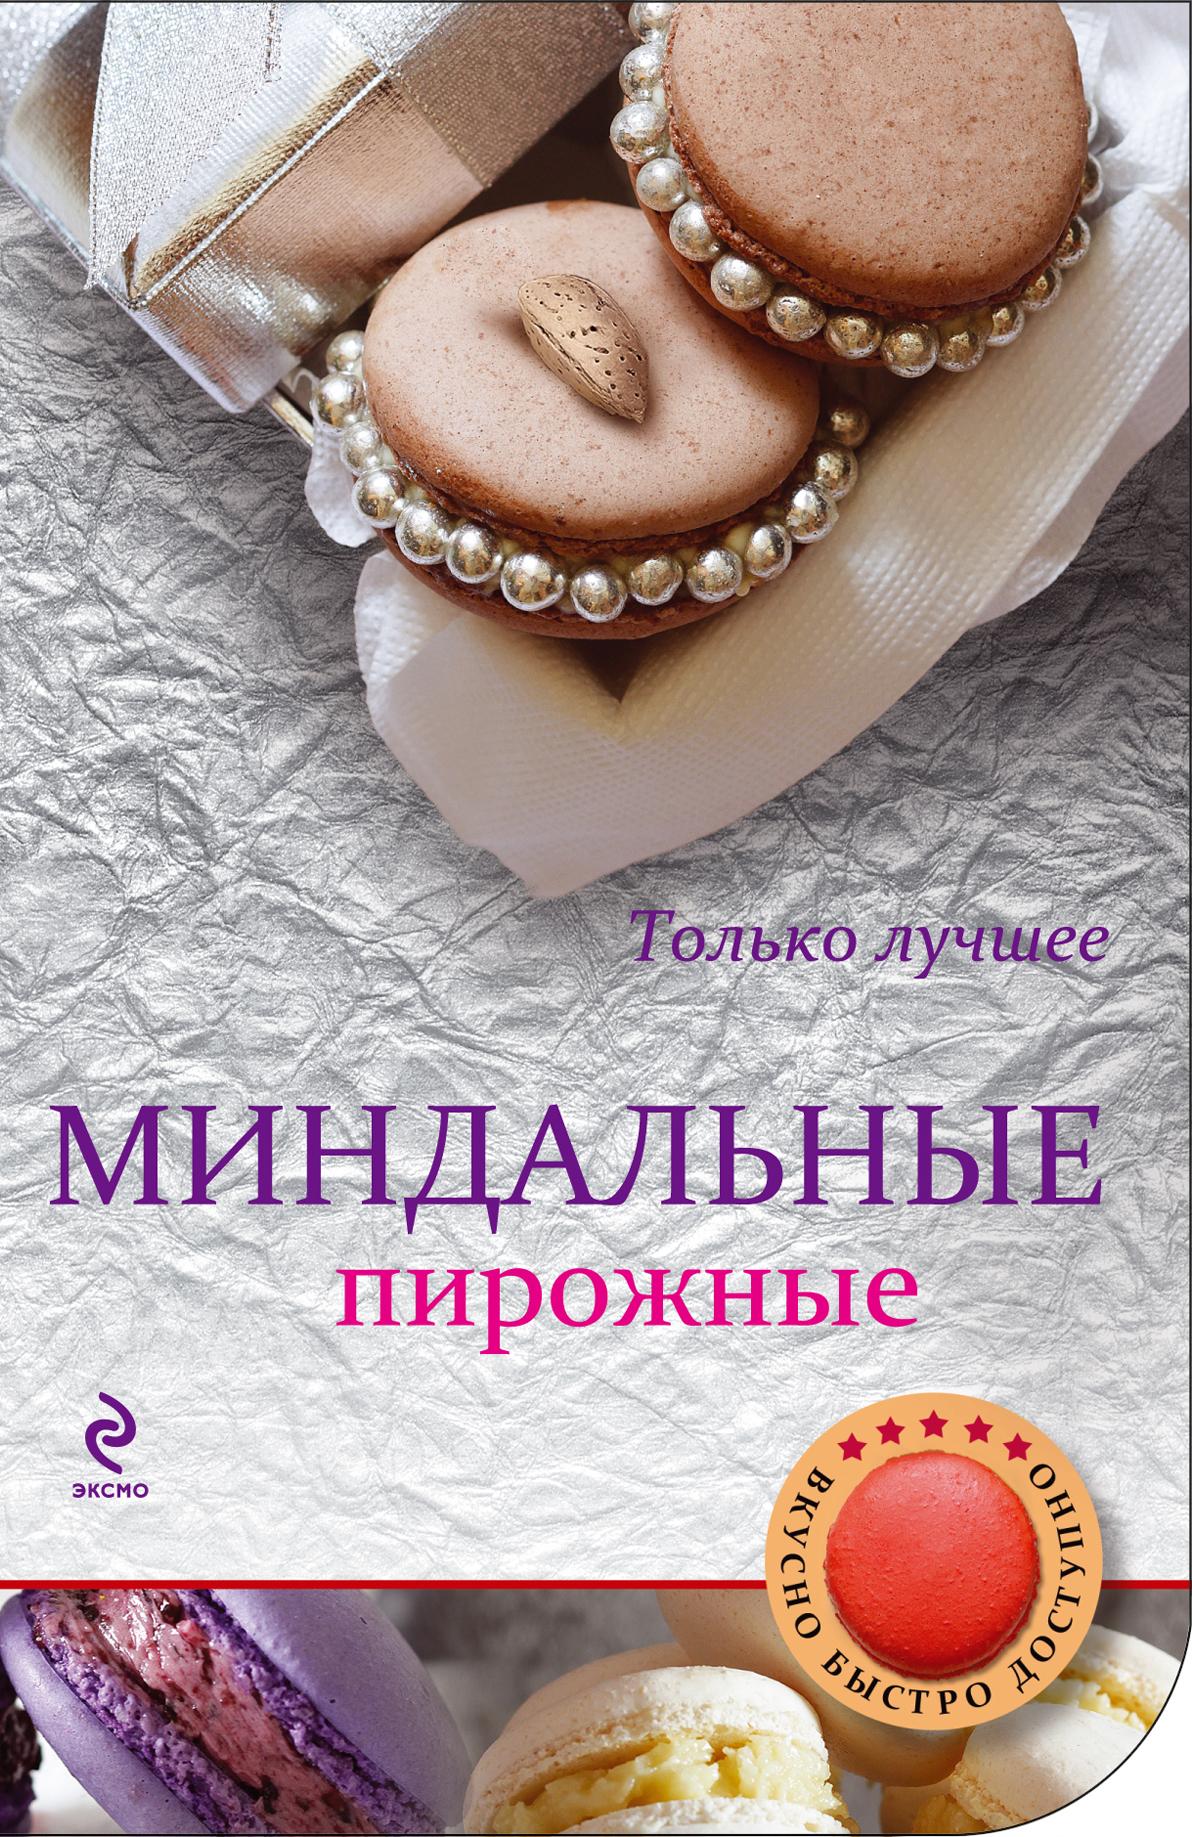 Миндальные пирожные